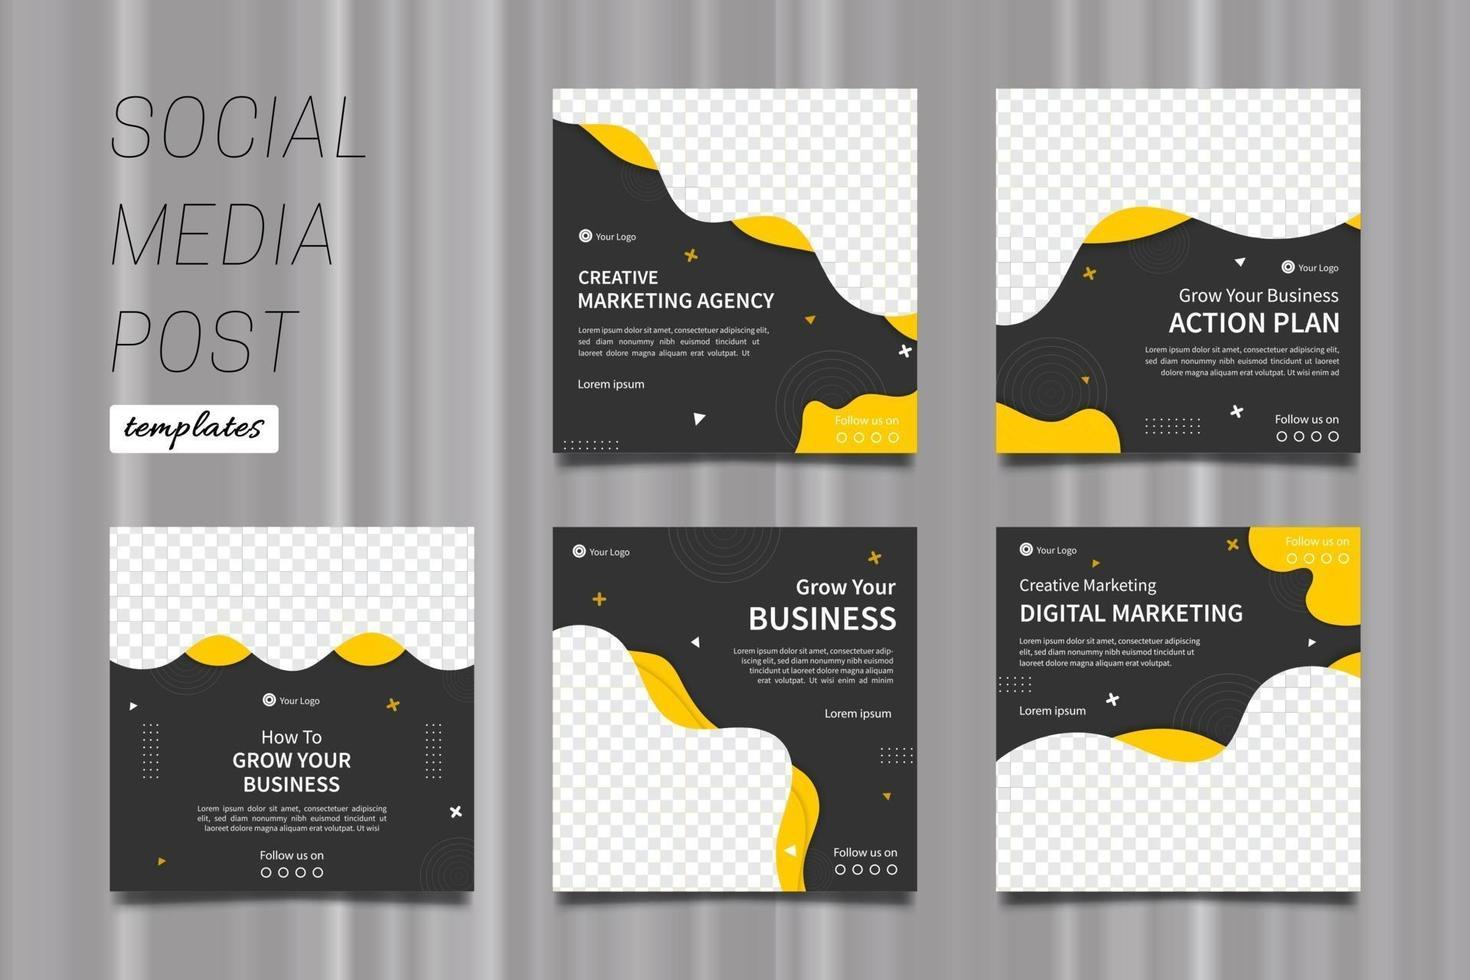 Kreativ-Marketing-Agentur Social Media Post-Vorlagen in gelb und grau. vektor